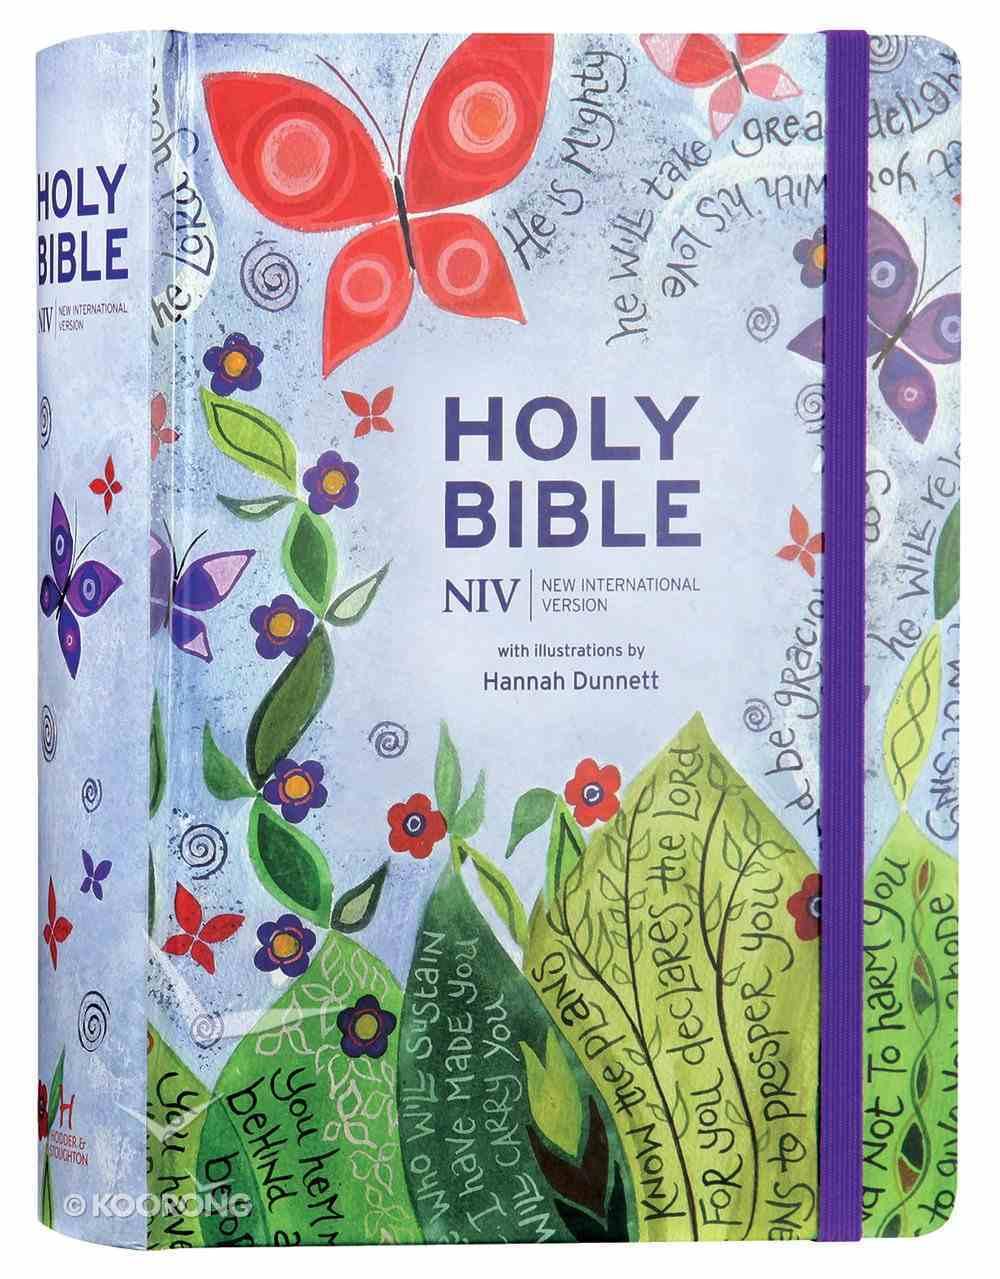 NIV Journalling Bible With Elastic Strap (Illustrated By Hannah Dunnett) Hardback